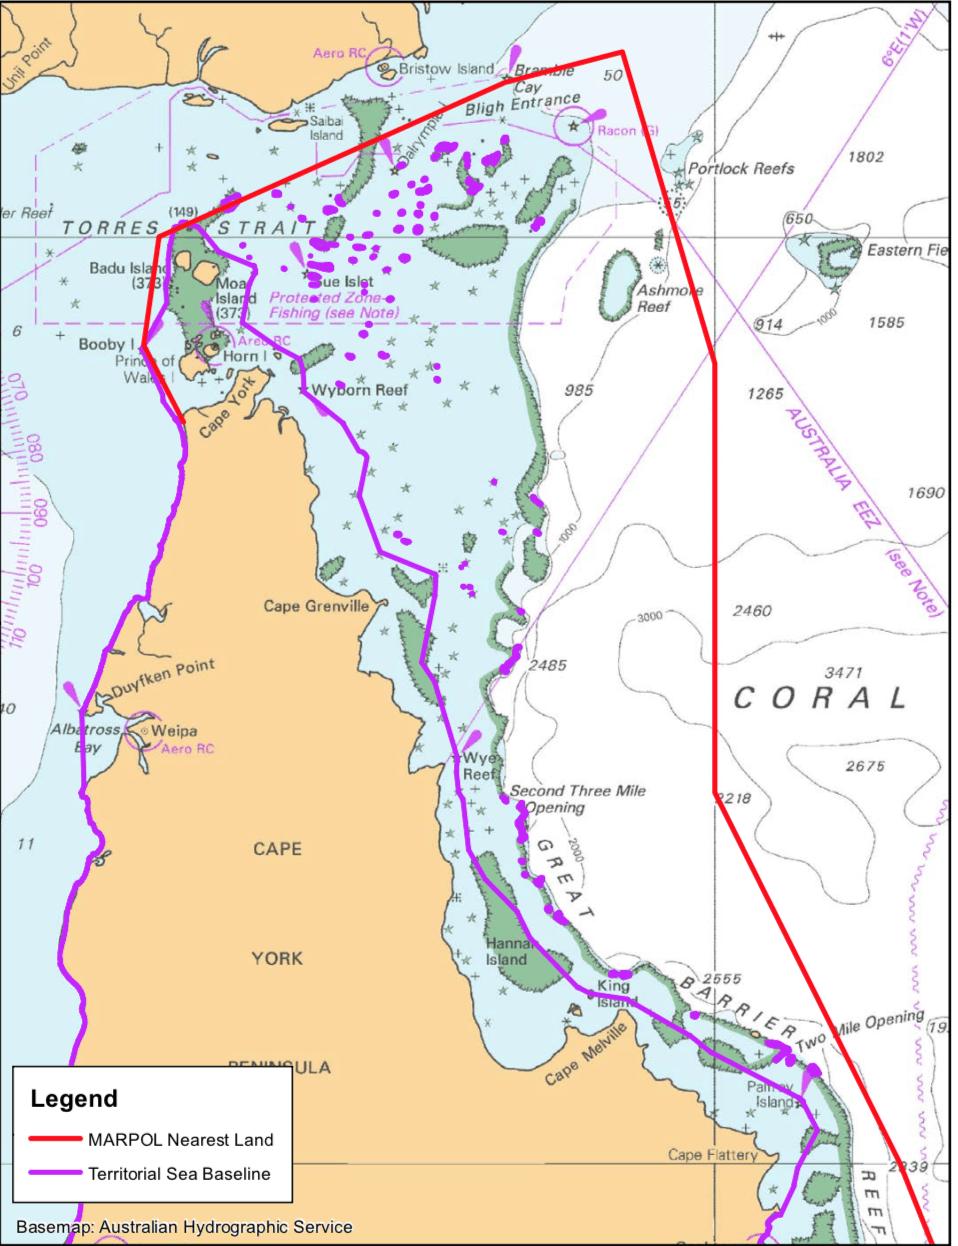 mevzuatlar - Avustralya karasuları - Nearest Land ve Marpol Kuralı İlişkisi